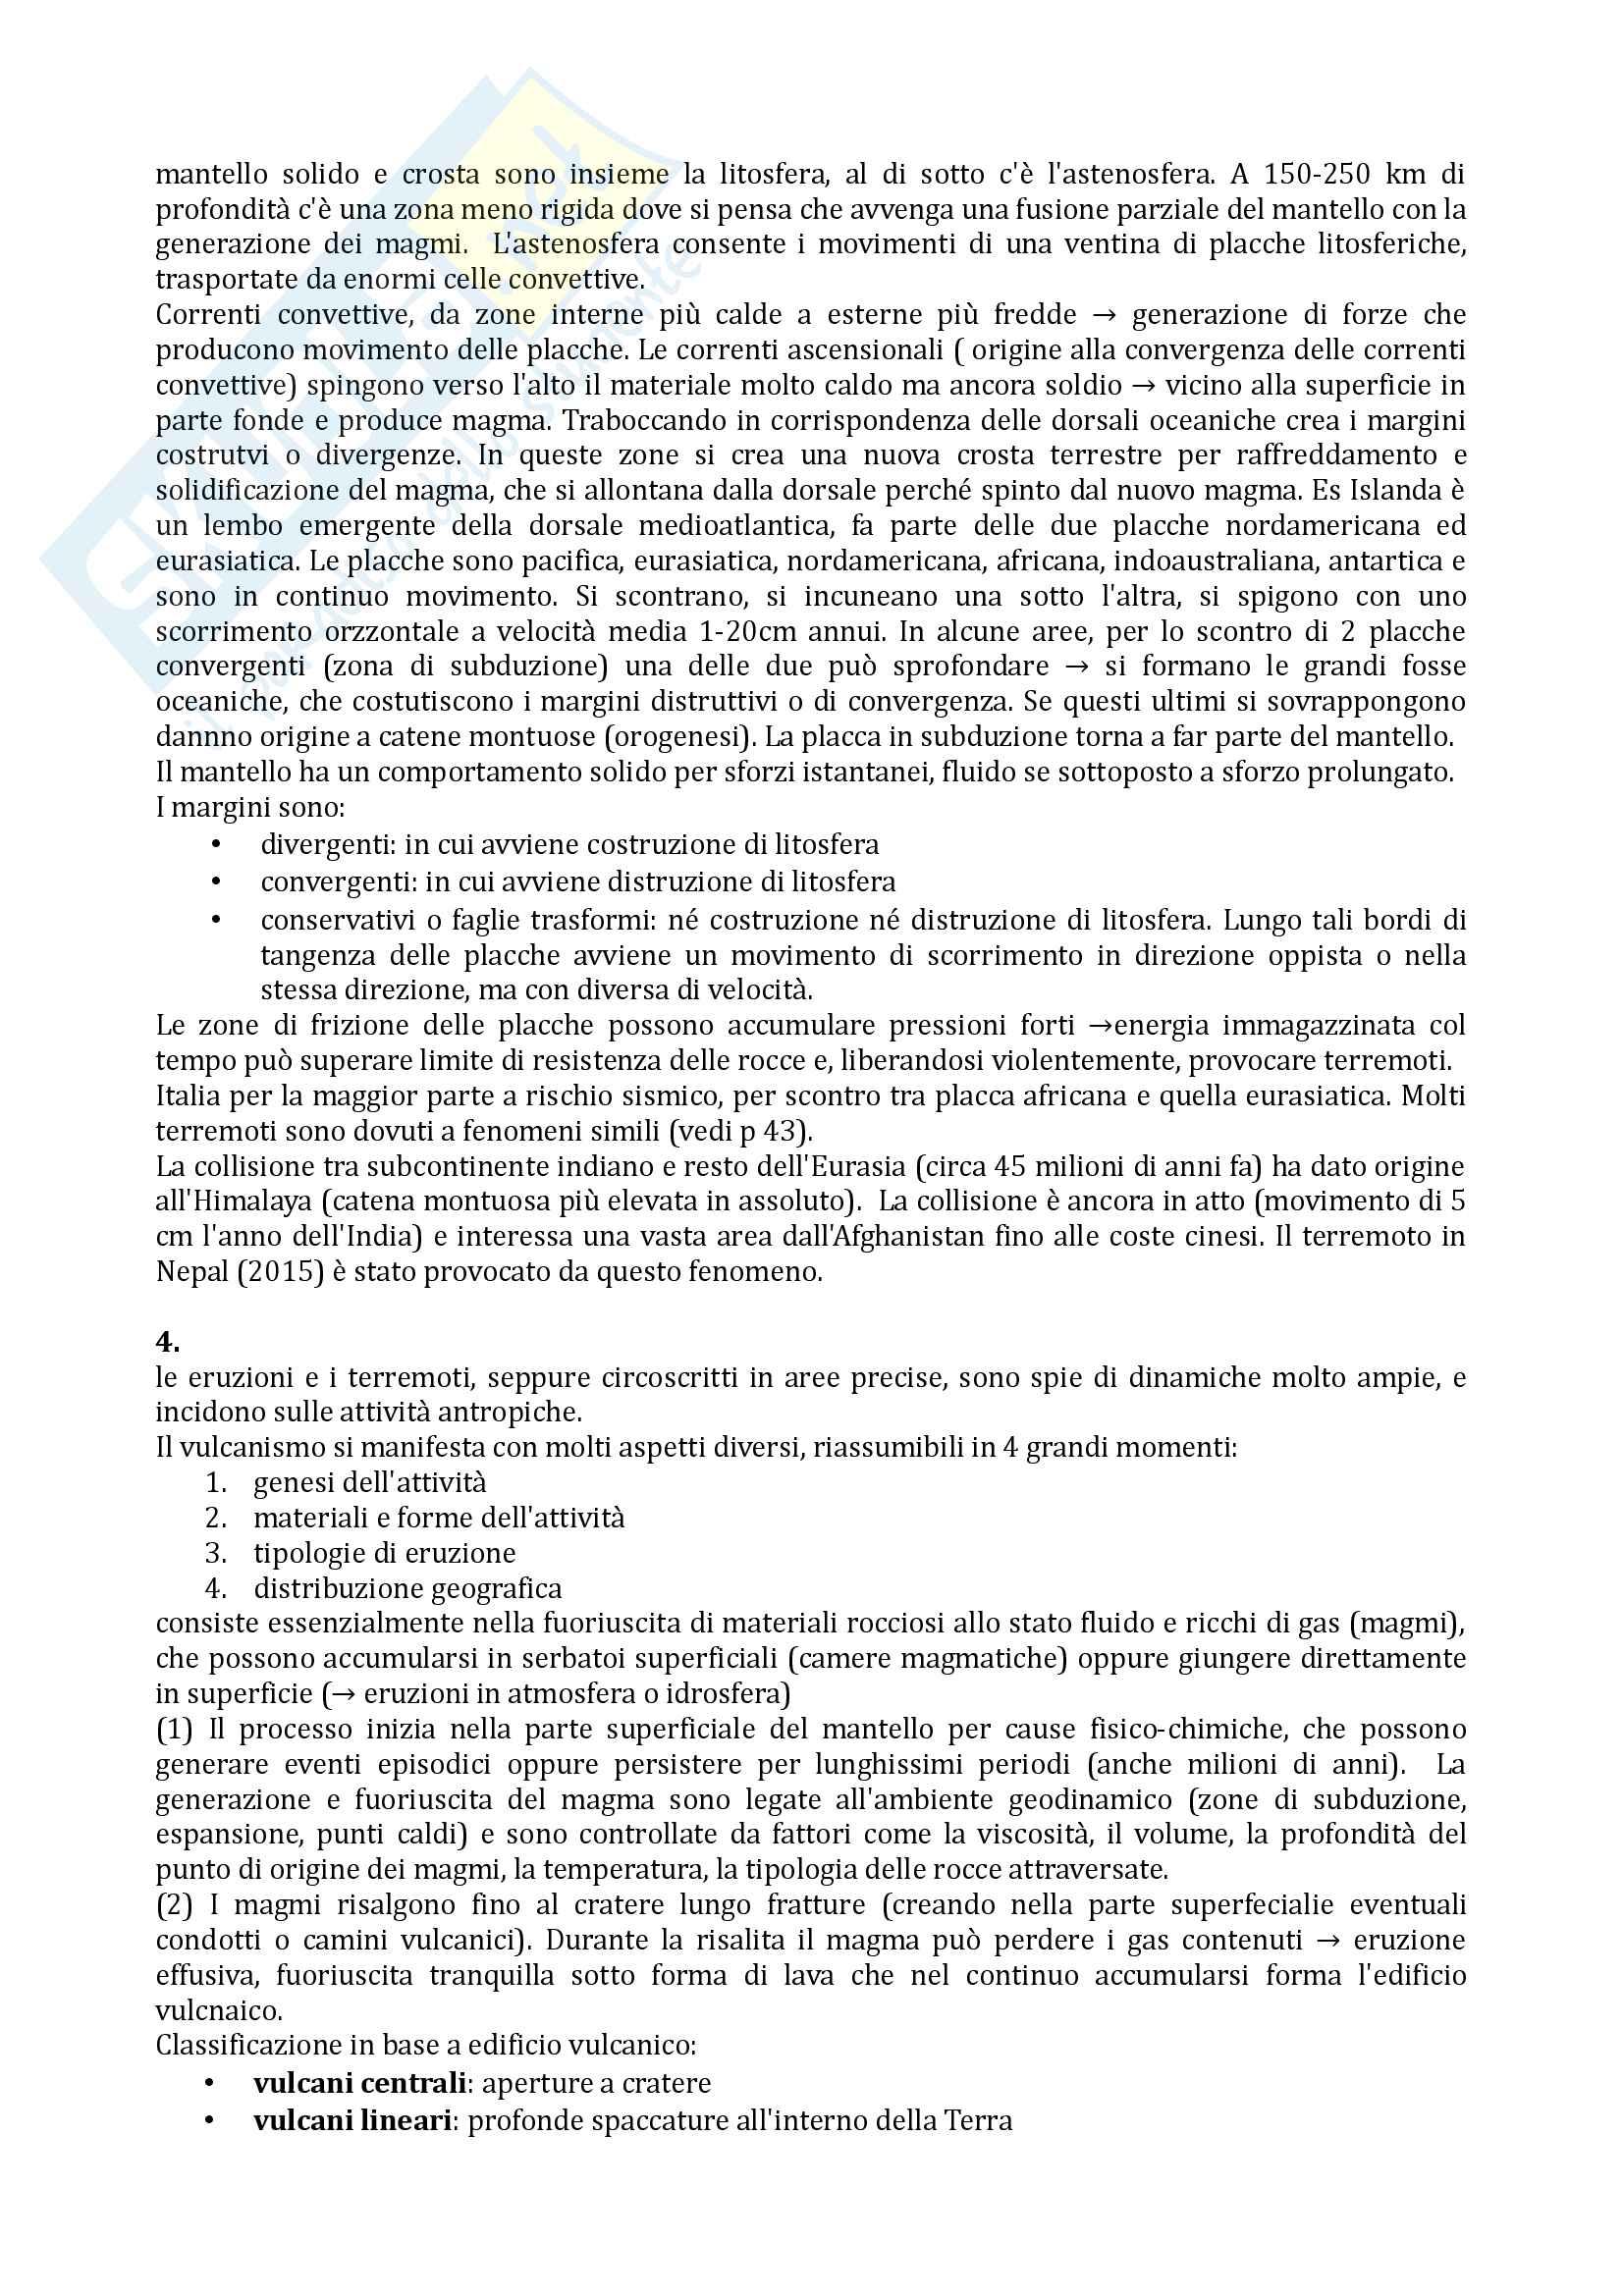 Riassunto esame Geografia, prof De Vecchis, libro consigliato Geografia generale, De Vecchis Pag. 6